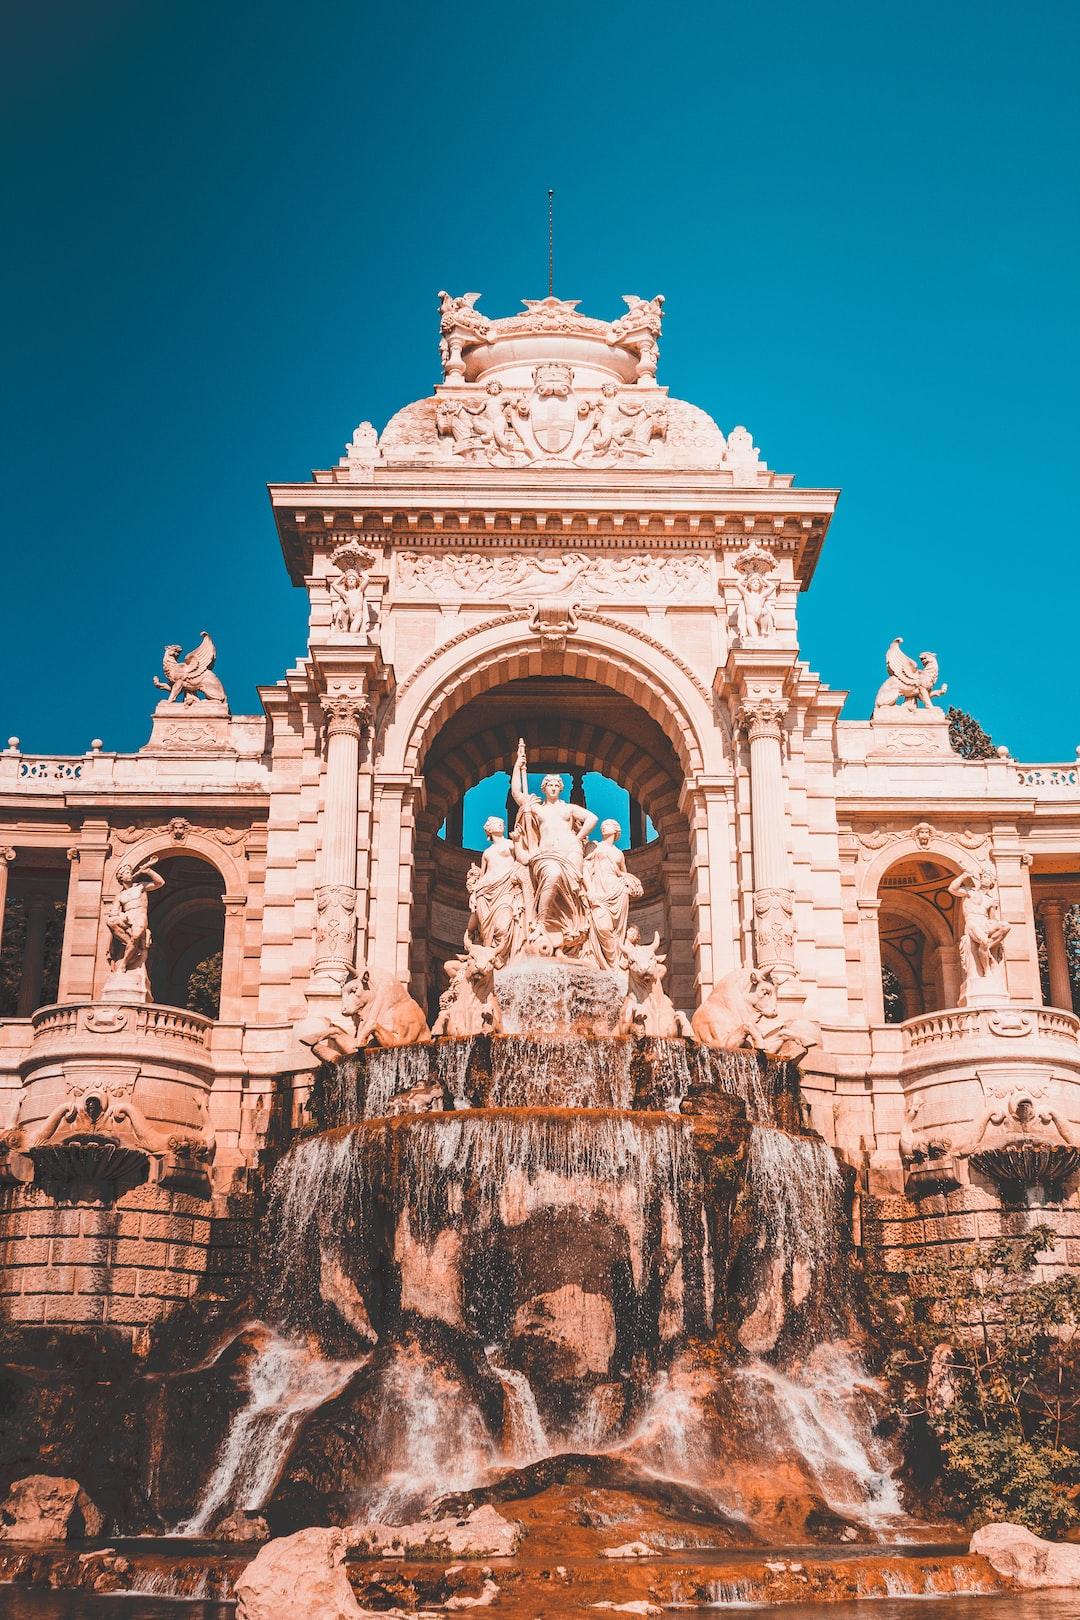 Palais Longchamp sous un grand ciel bleu 👀